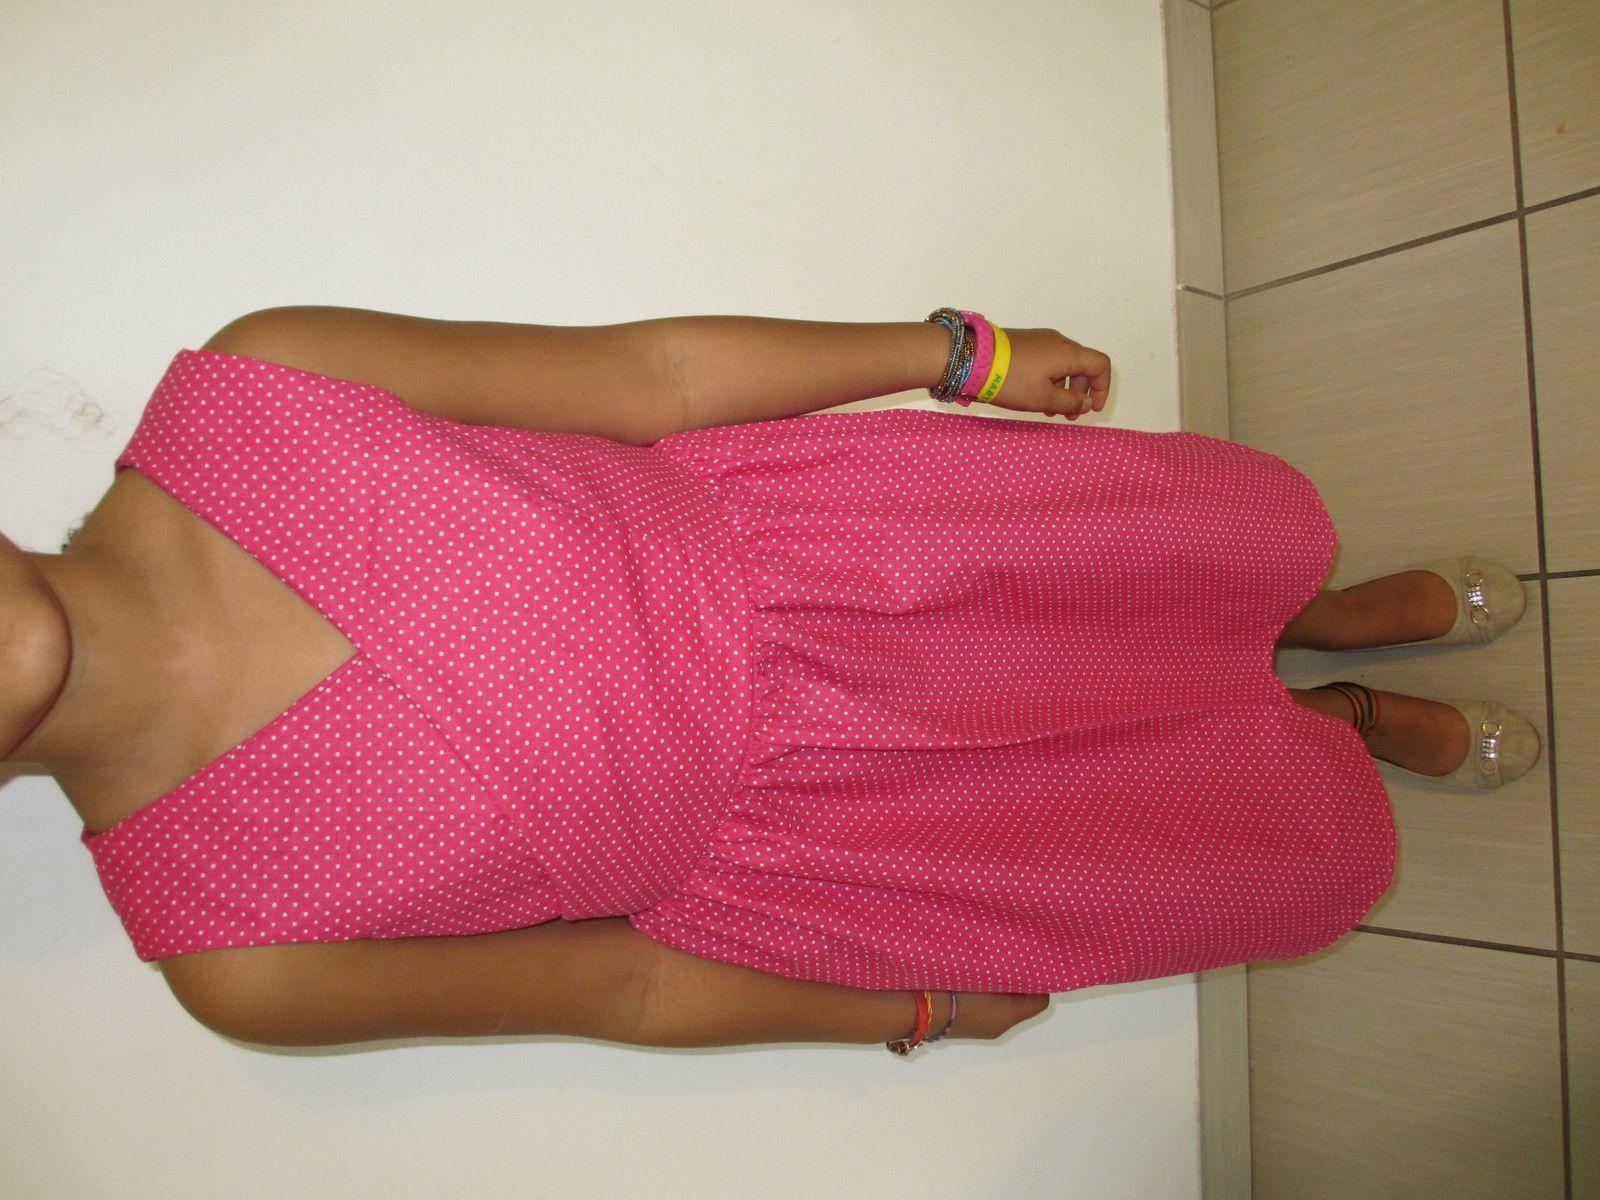 Jolie robe fille avec décolleté cache-cœur, et des manches courtes à imprimé à pois. Disponible en taille 12 ans, 14 ans et Fabriqué sur commande, Fait main, 100% coton, 52 € la robe